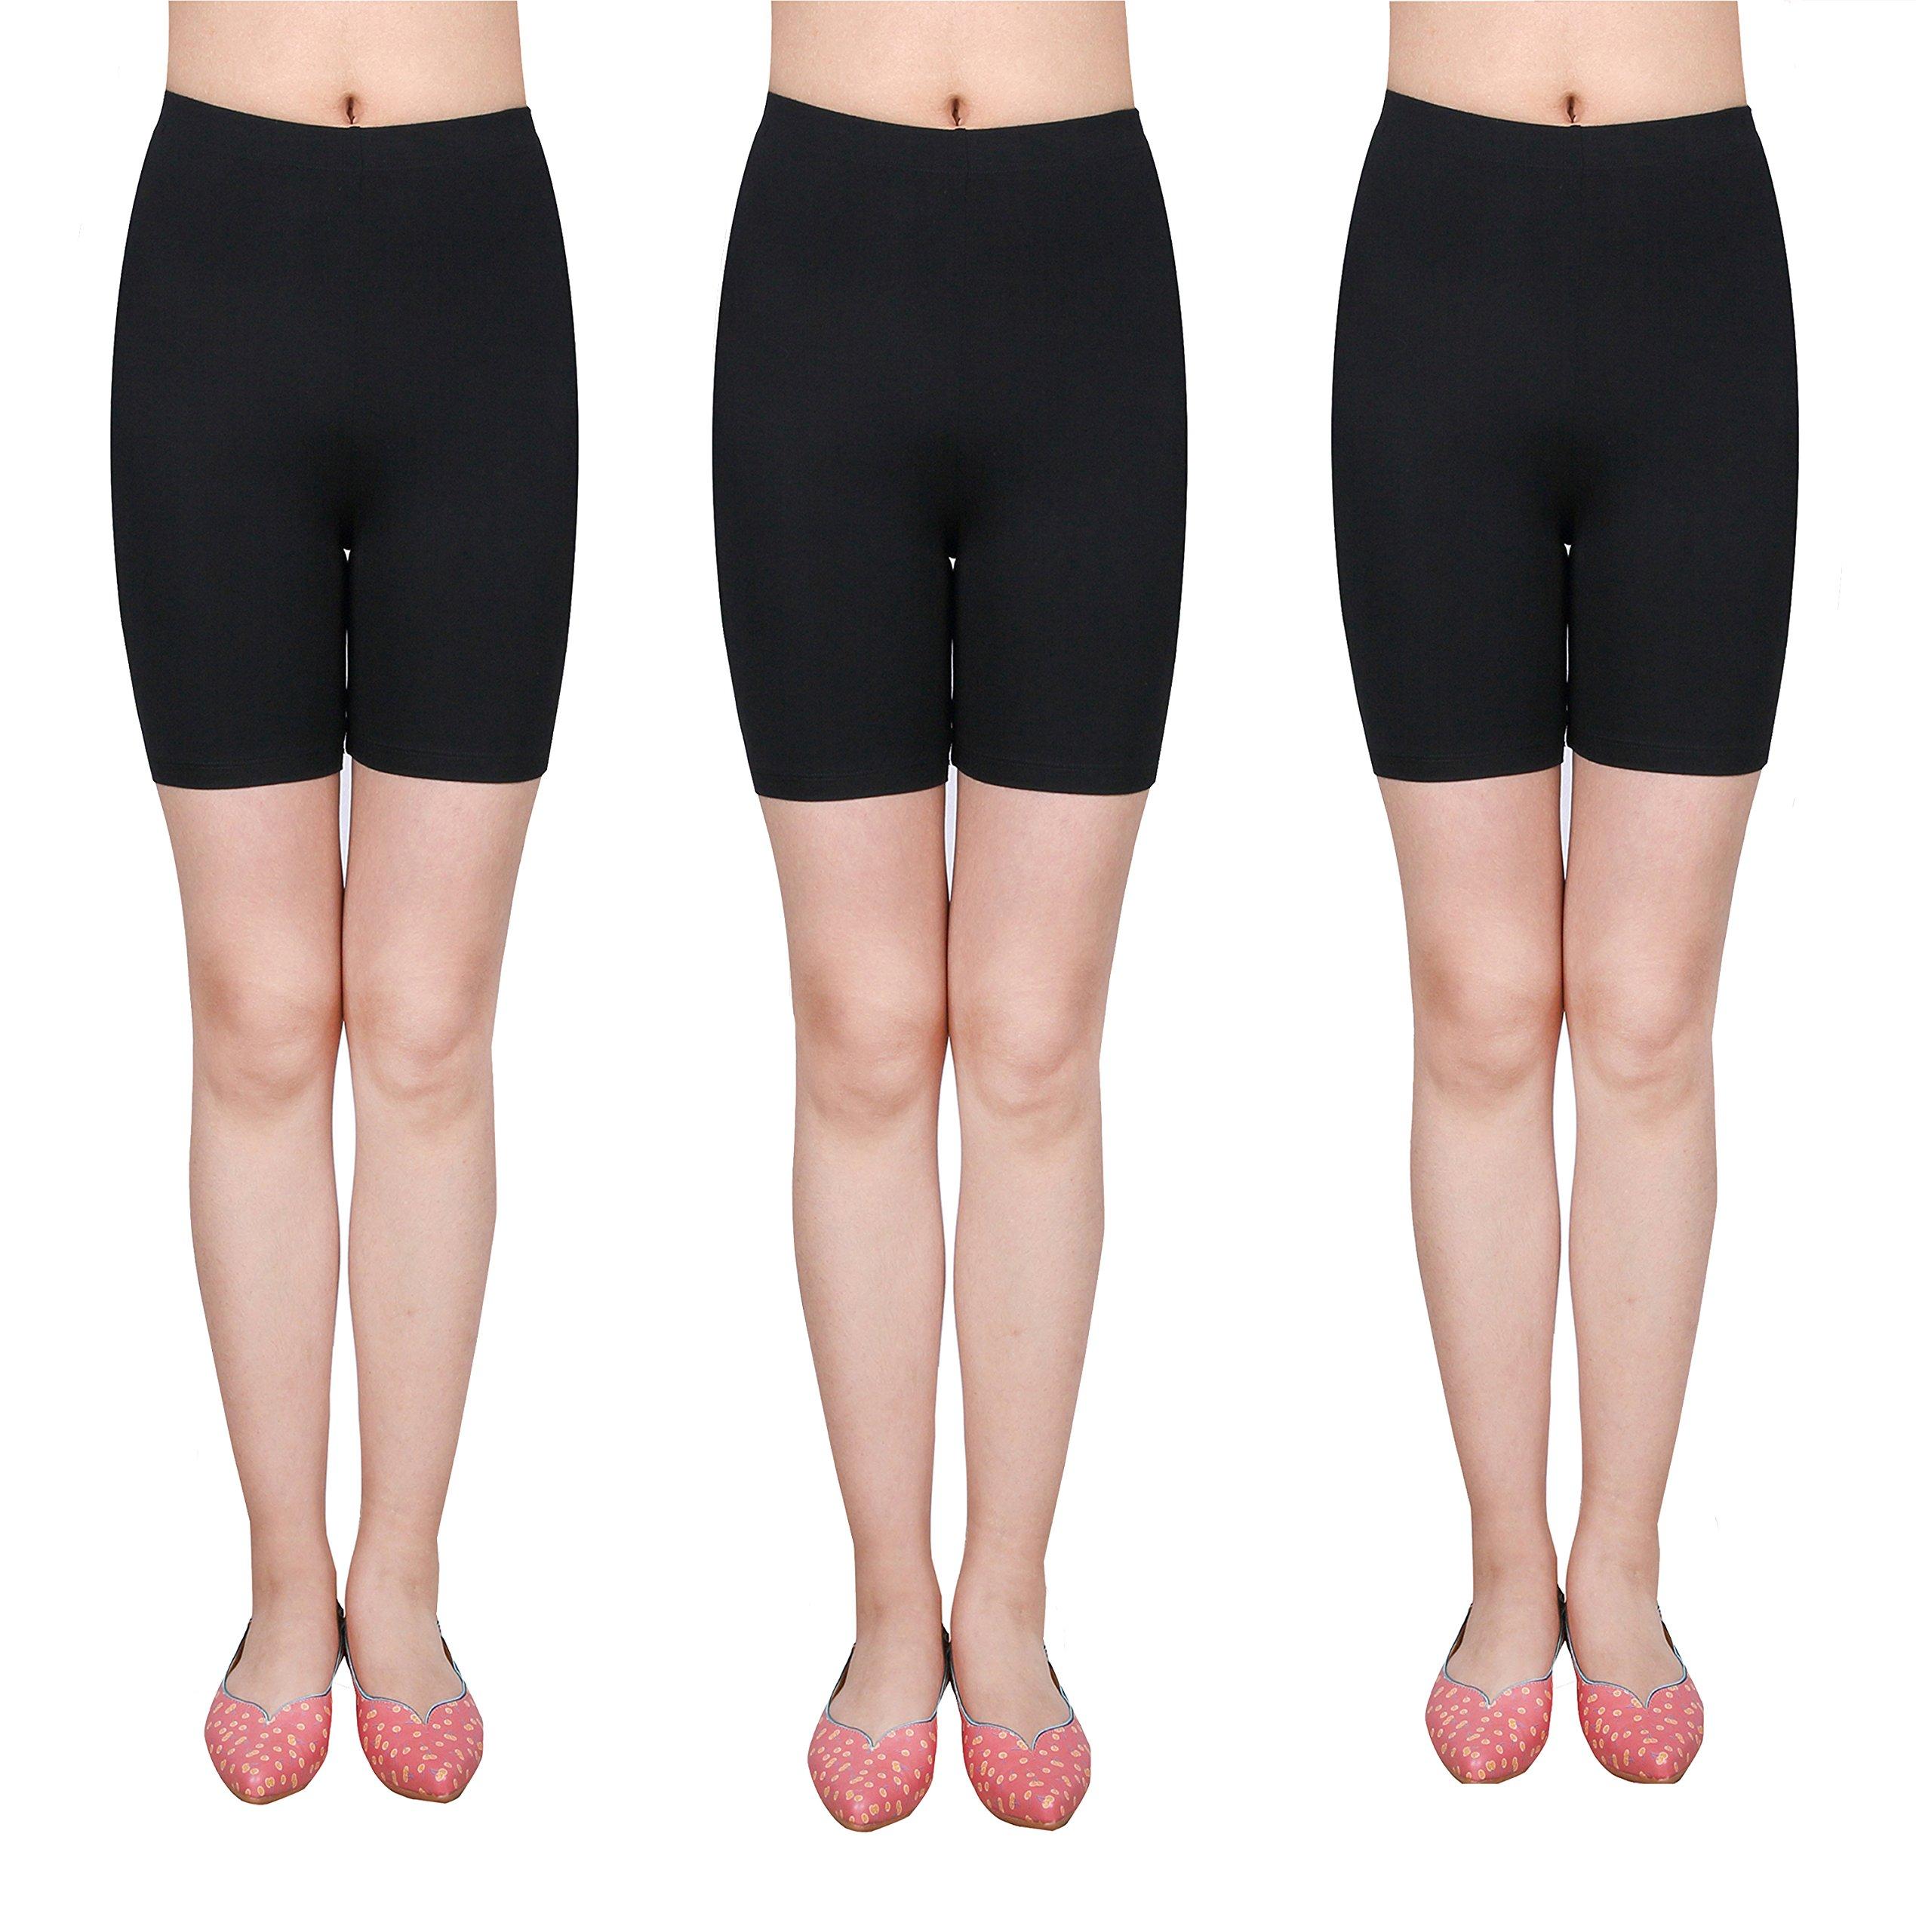 IRELIA 3 Pack Cotton Girls Bike Shorts Soft Underwear for Summer Size 6-16 01 XS